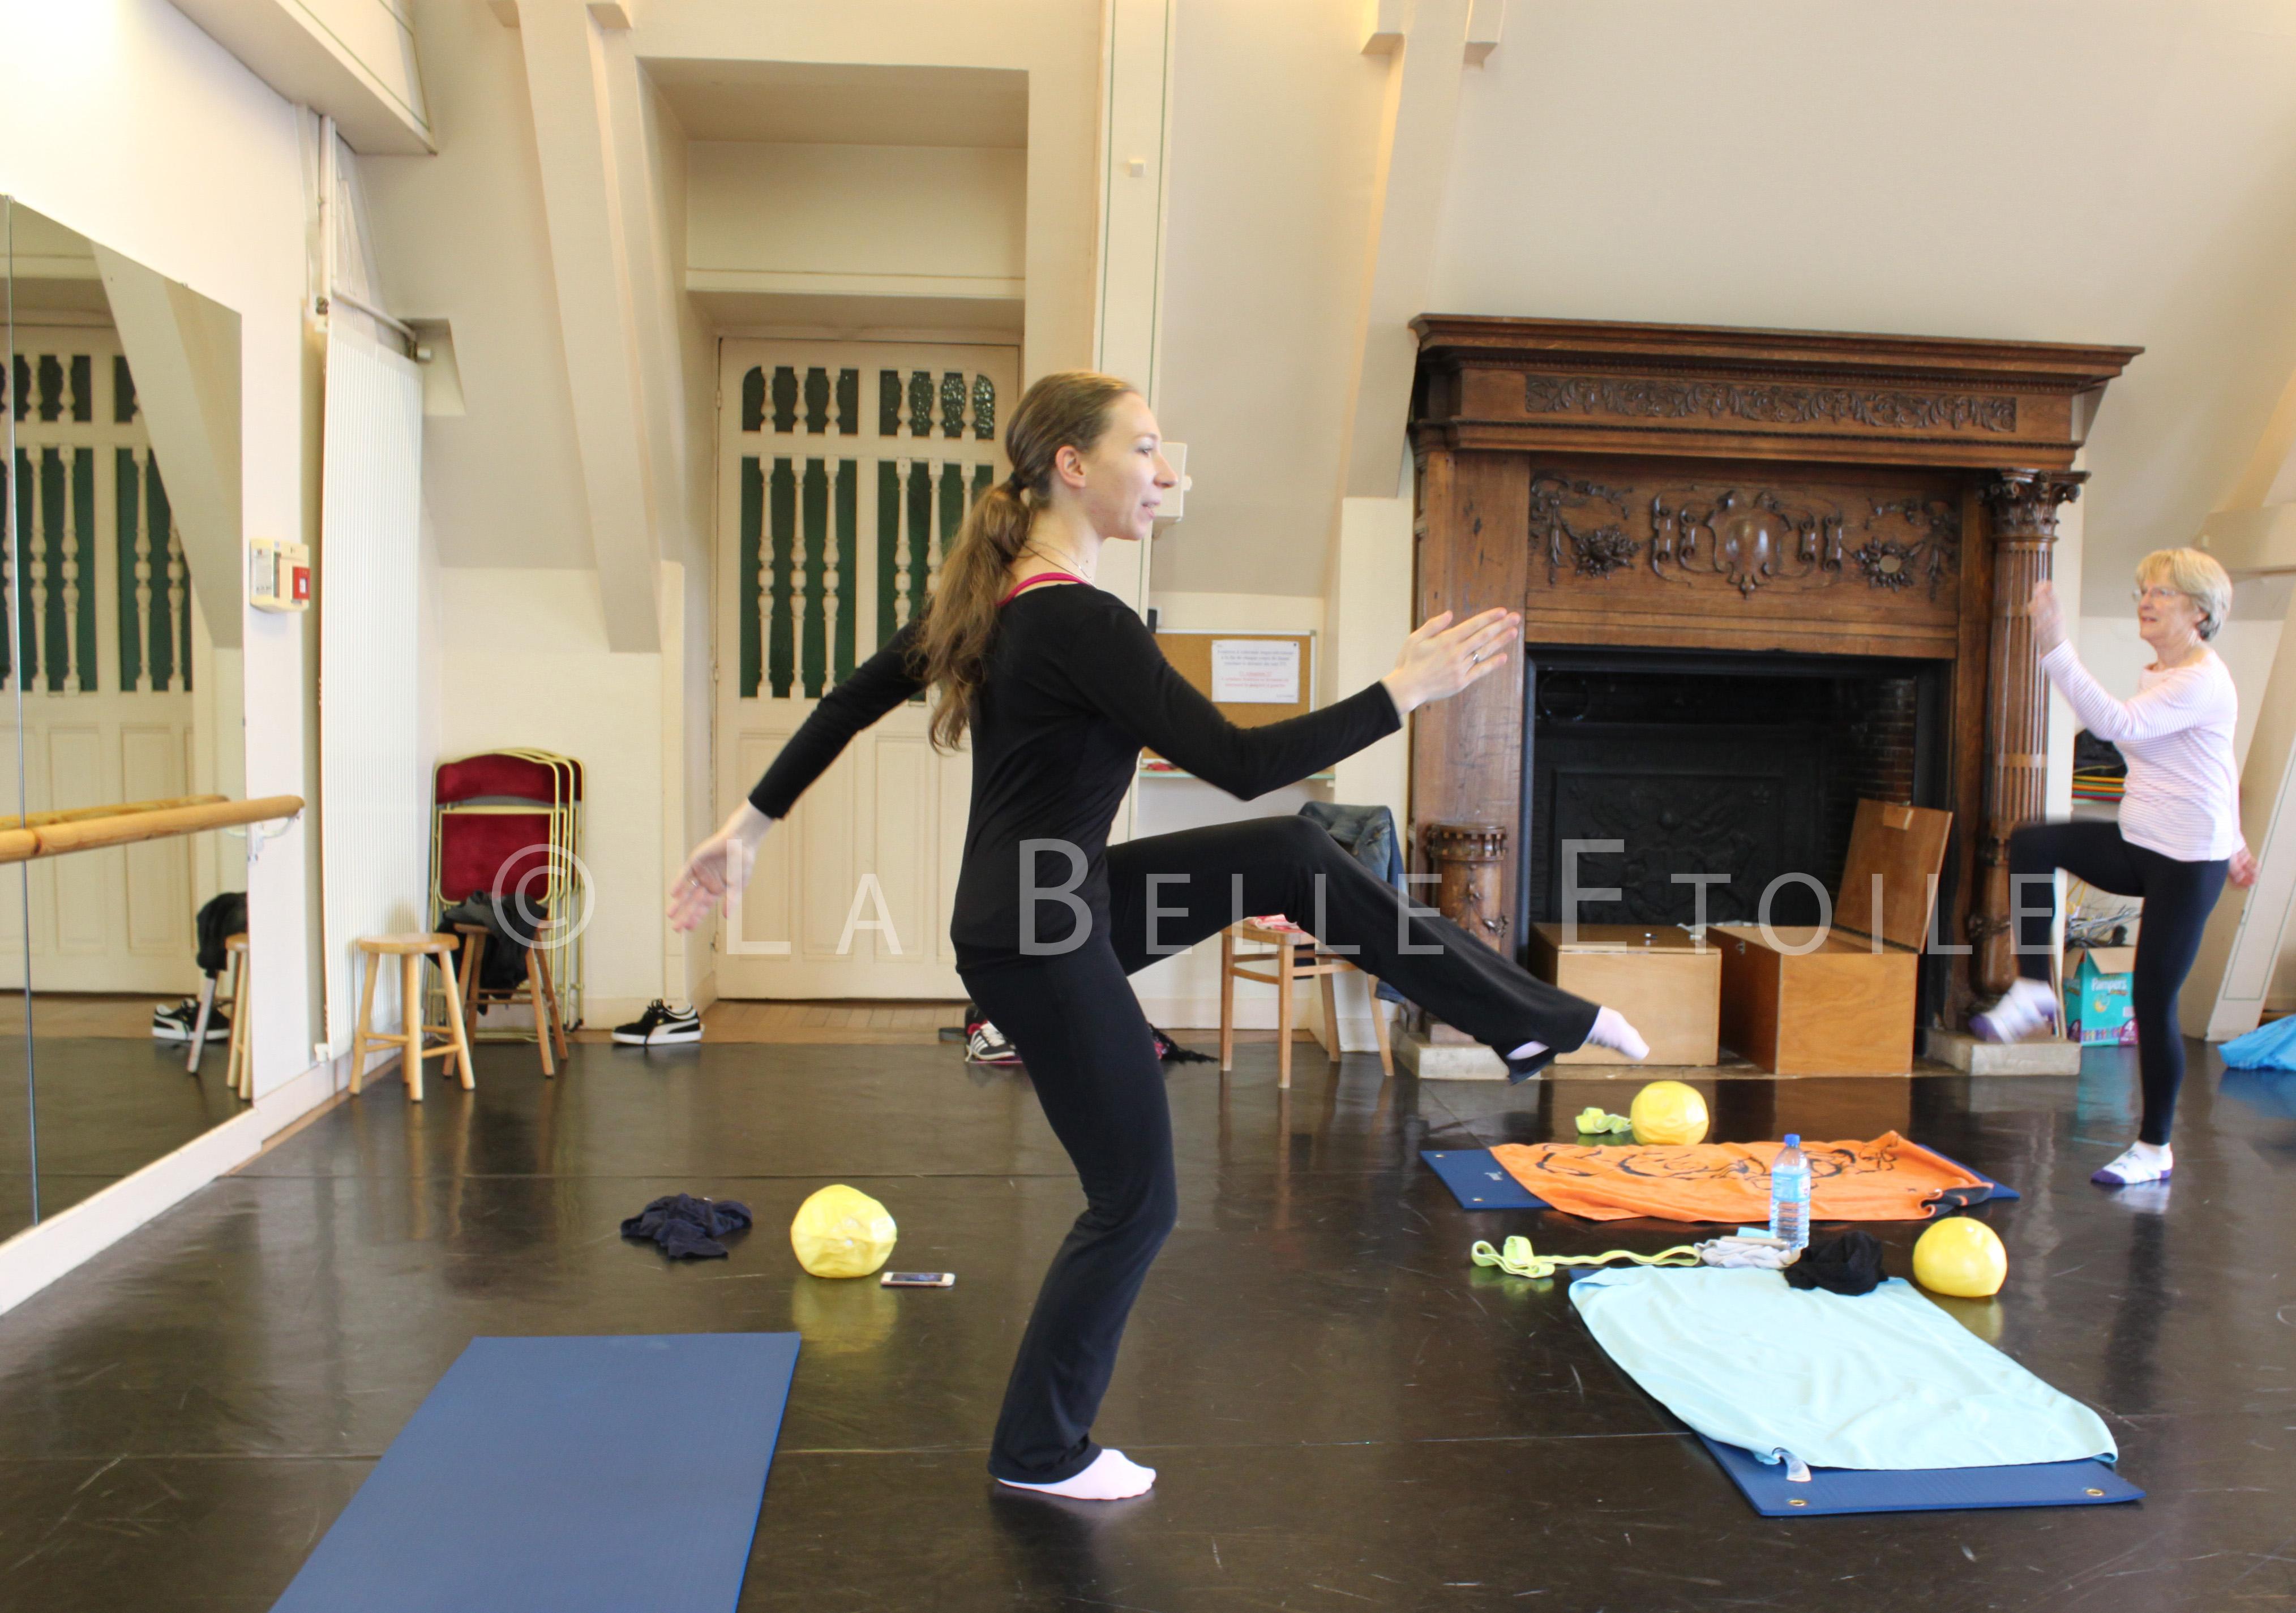 Gymnastique adultes ecole de danse et gym for Danse classique adulte